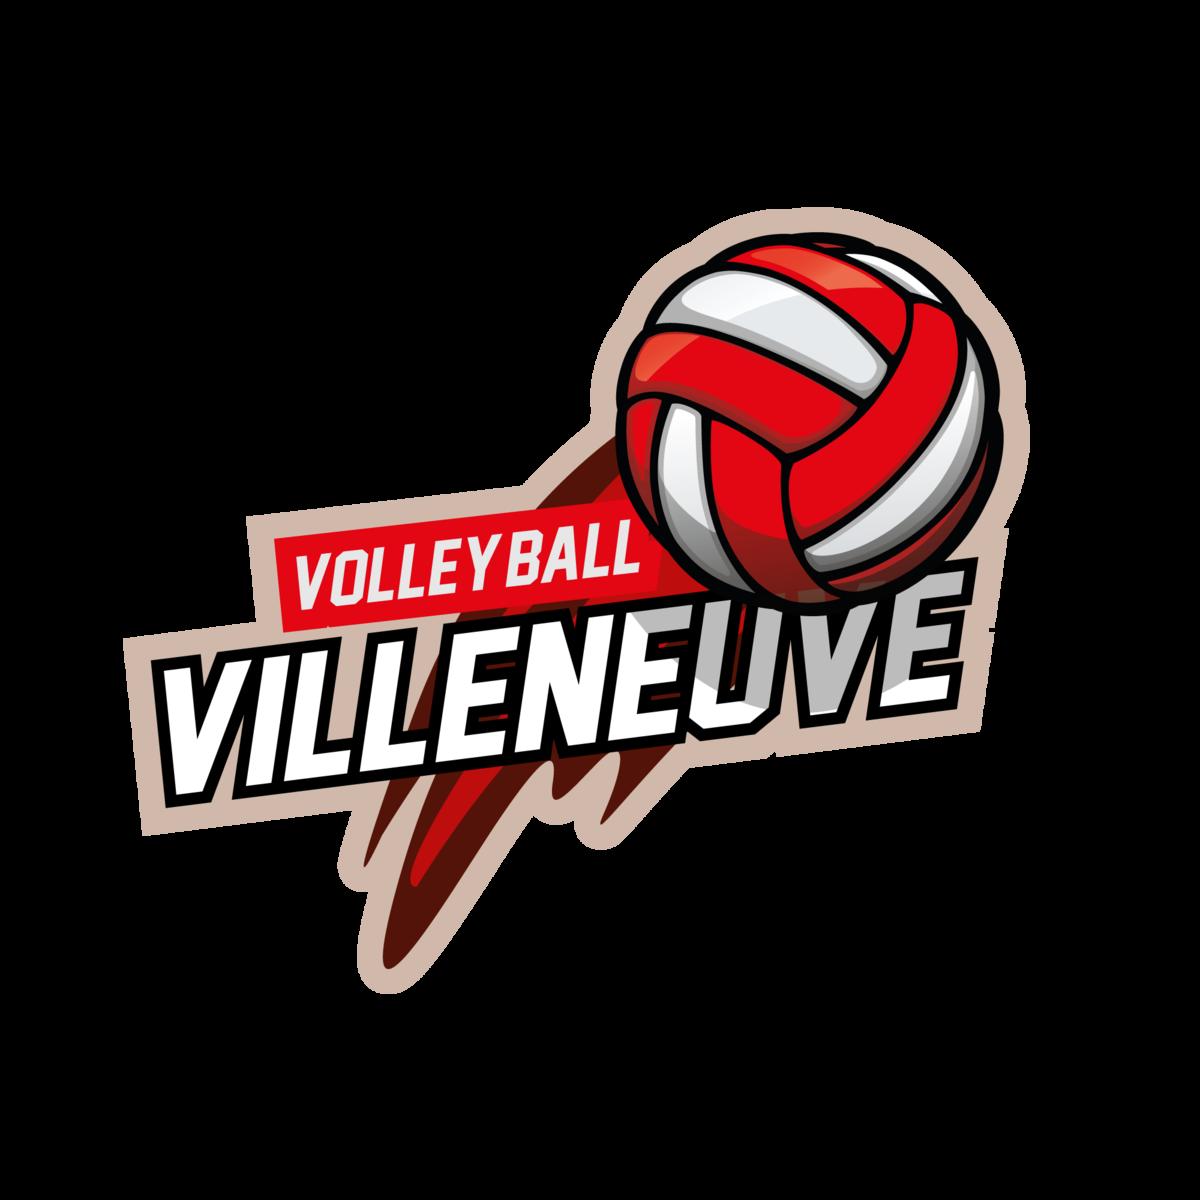 Image_villeneuvevolley-logo-1-85mm-largeur-transfert-numerique--0-0--cdccf758-a882-40a1-b3a7-492e4ff6835f